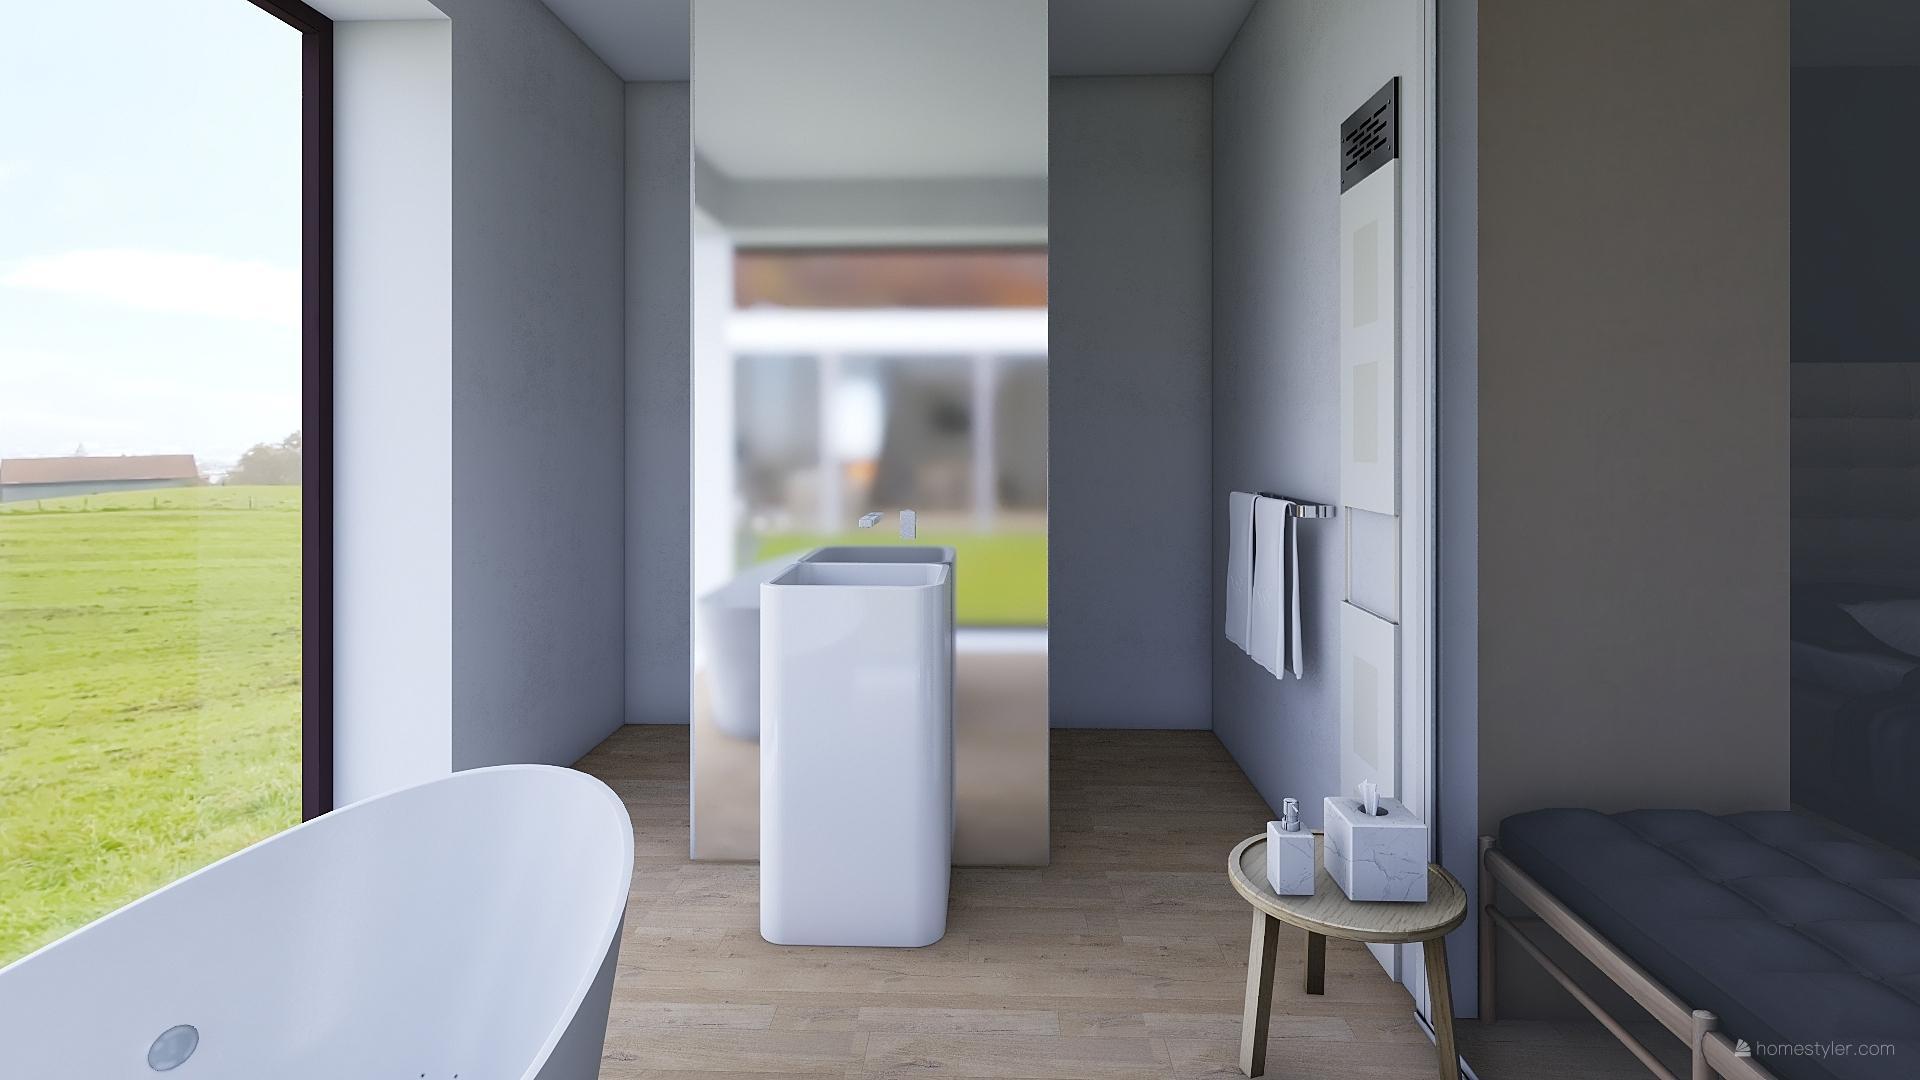 Mé dokonale nedokonalé vizualizace našeho budoucího domu - Koupelna rodičů u ložnice.